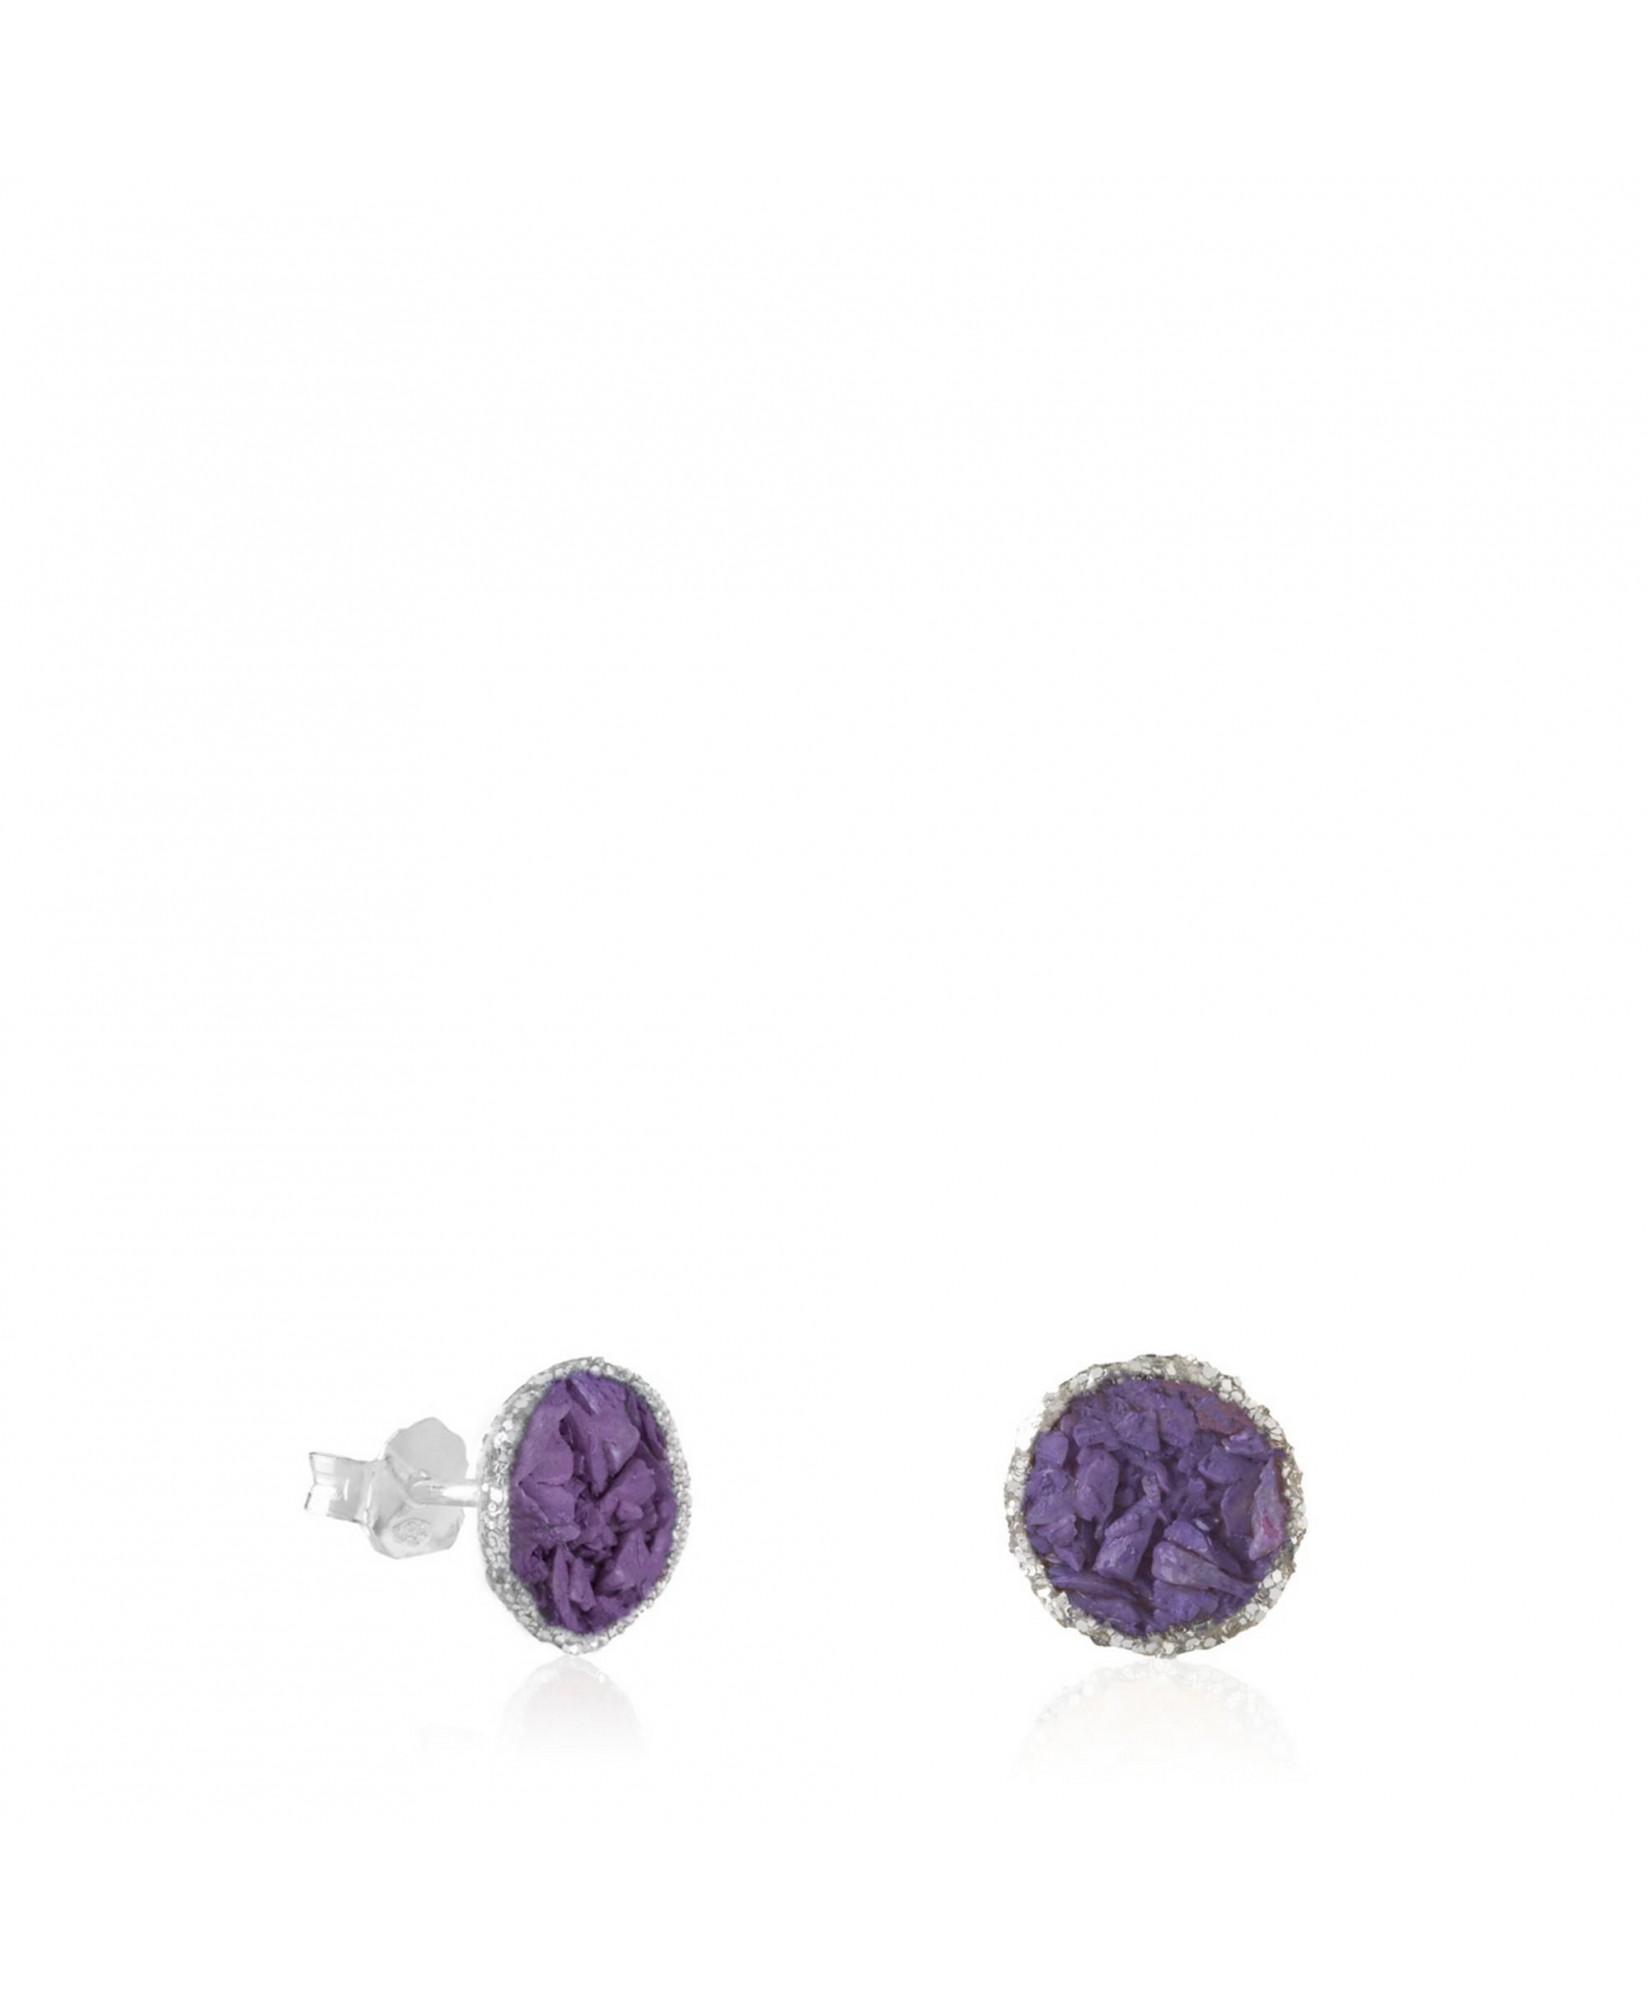 Pendientes dormilonas plata Venus medianas con nácar violeta Pendientes dormilonas plata Venus medianas con nácar violeta